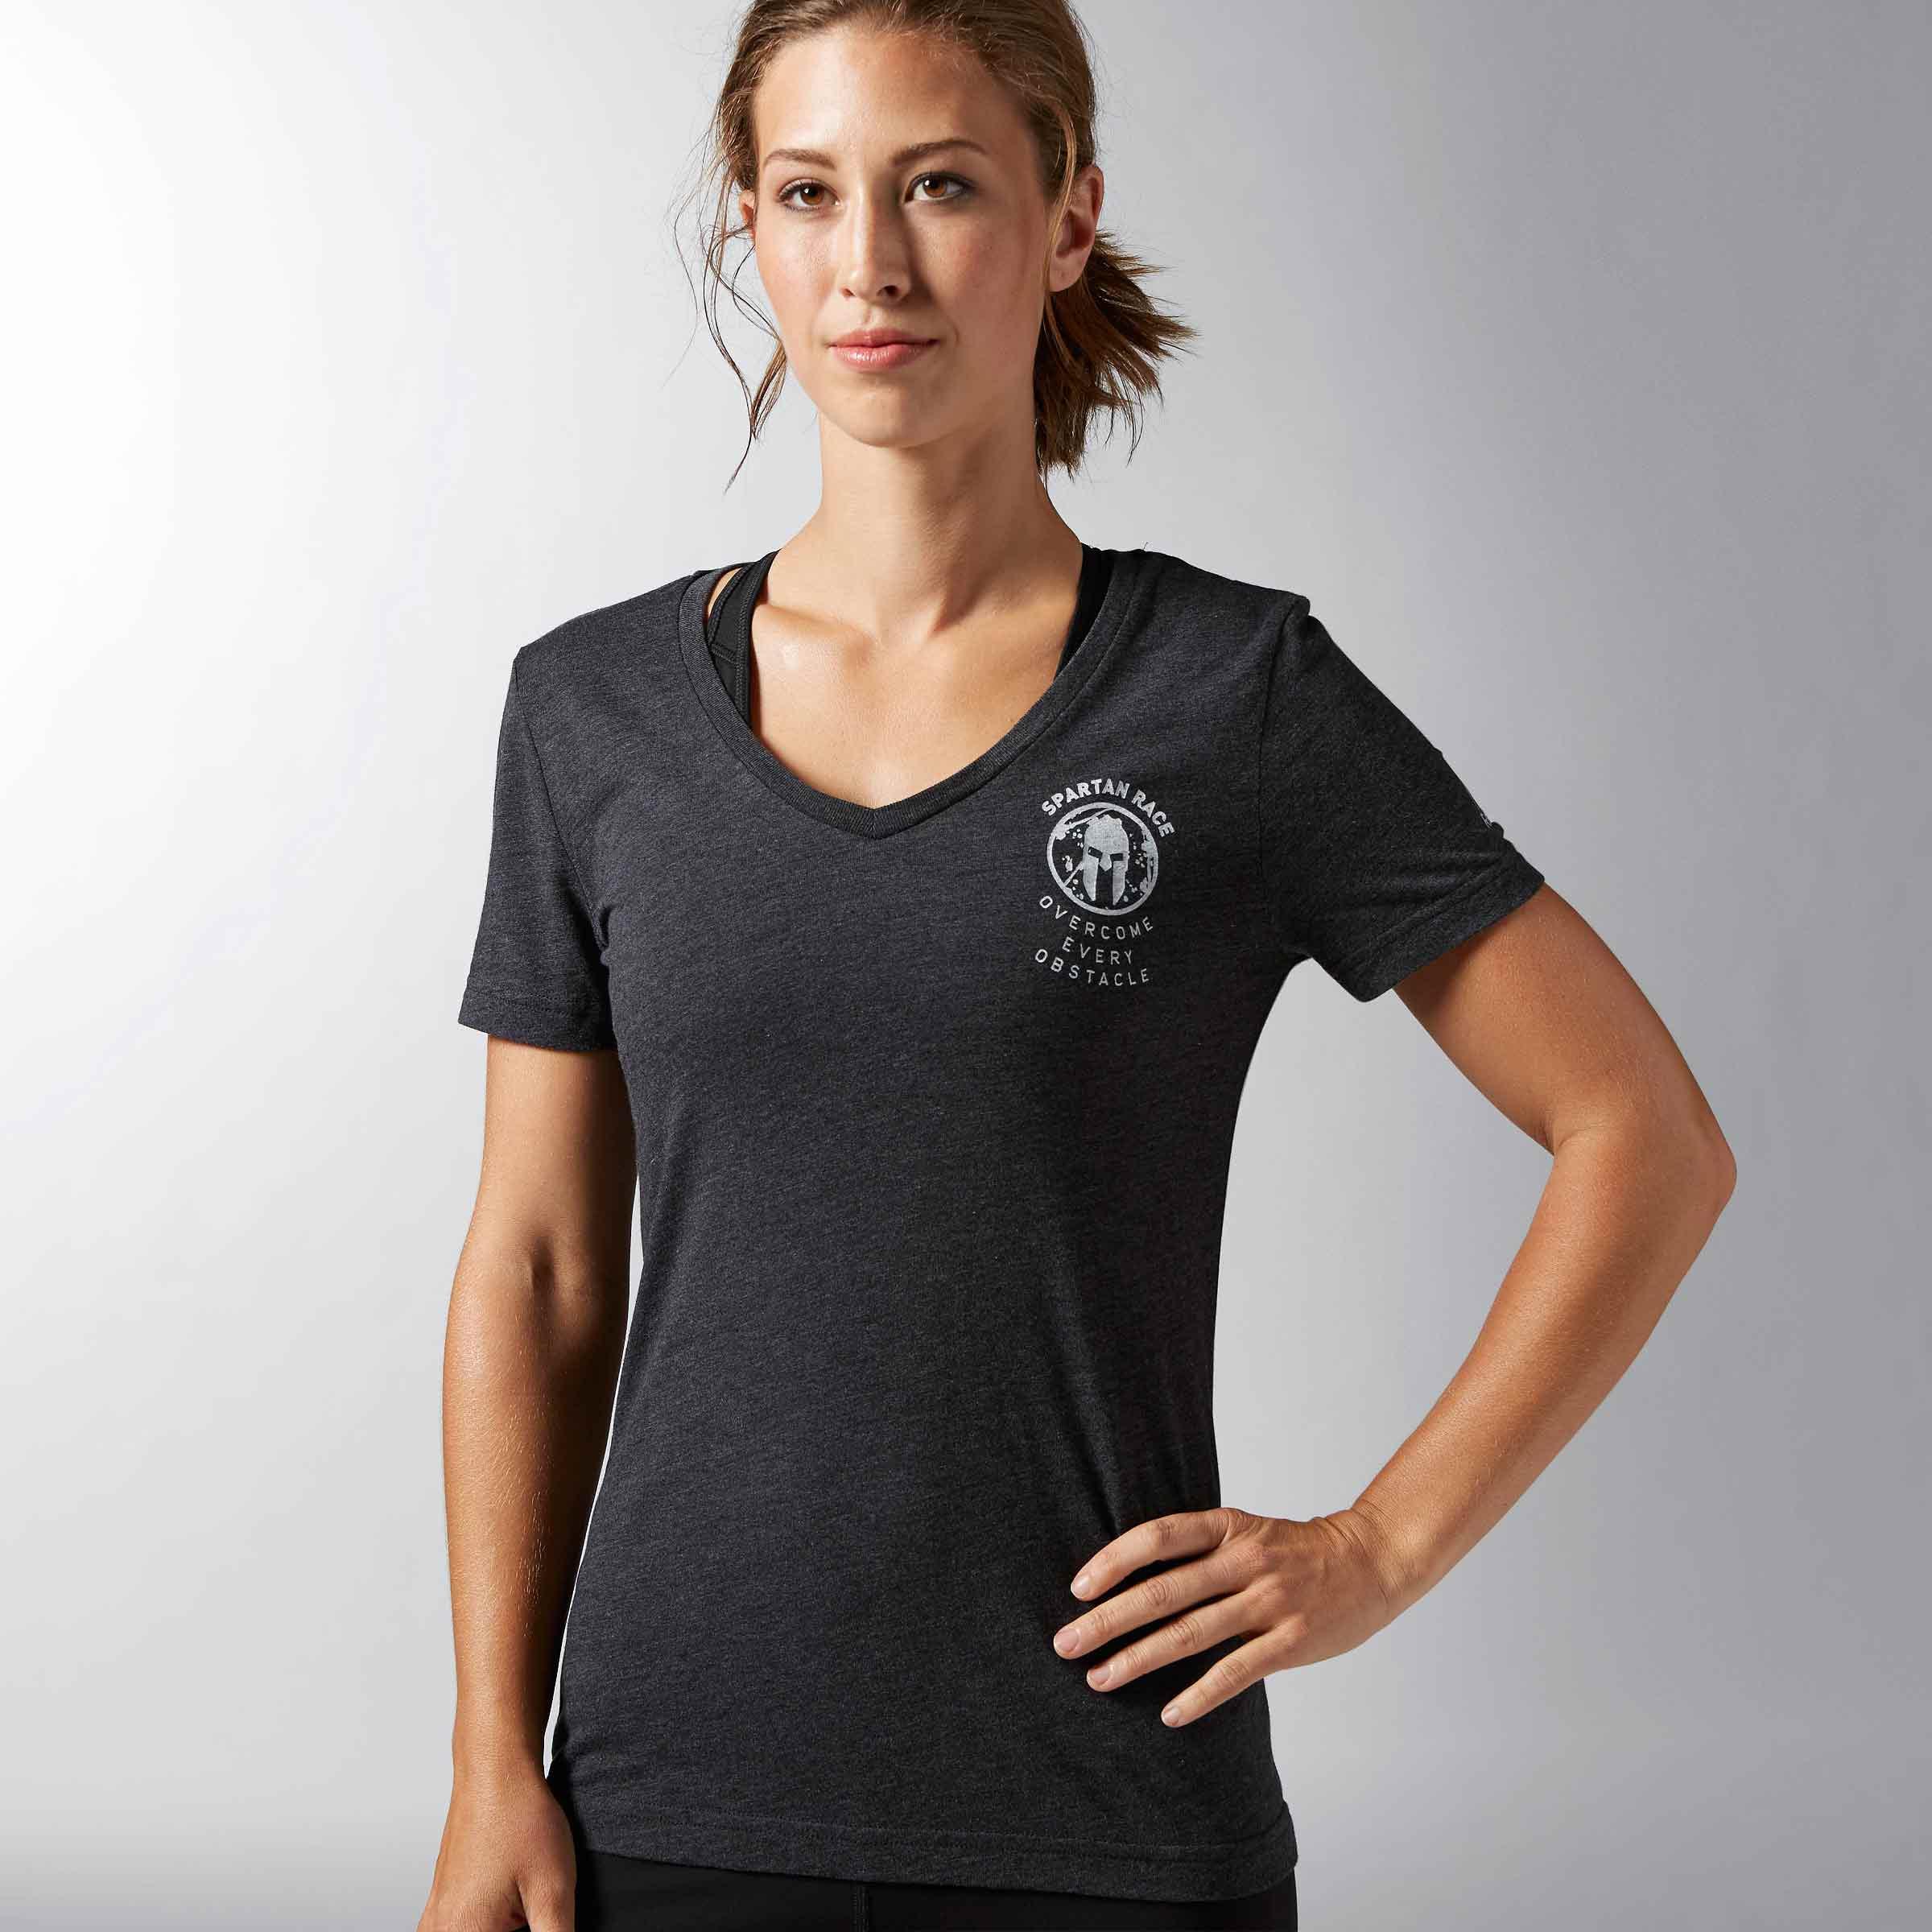 Spartan Race slim fit t-shirt